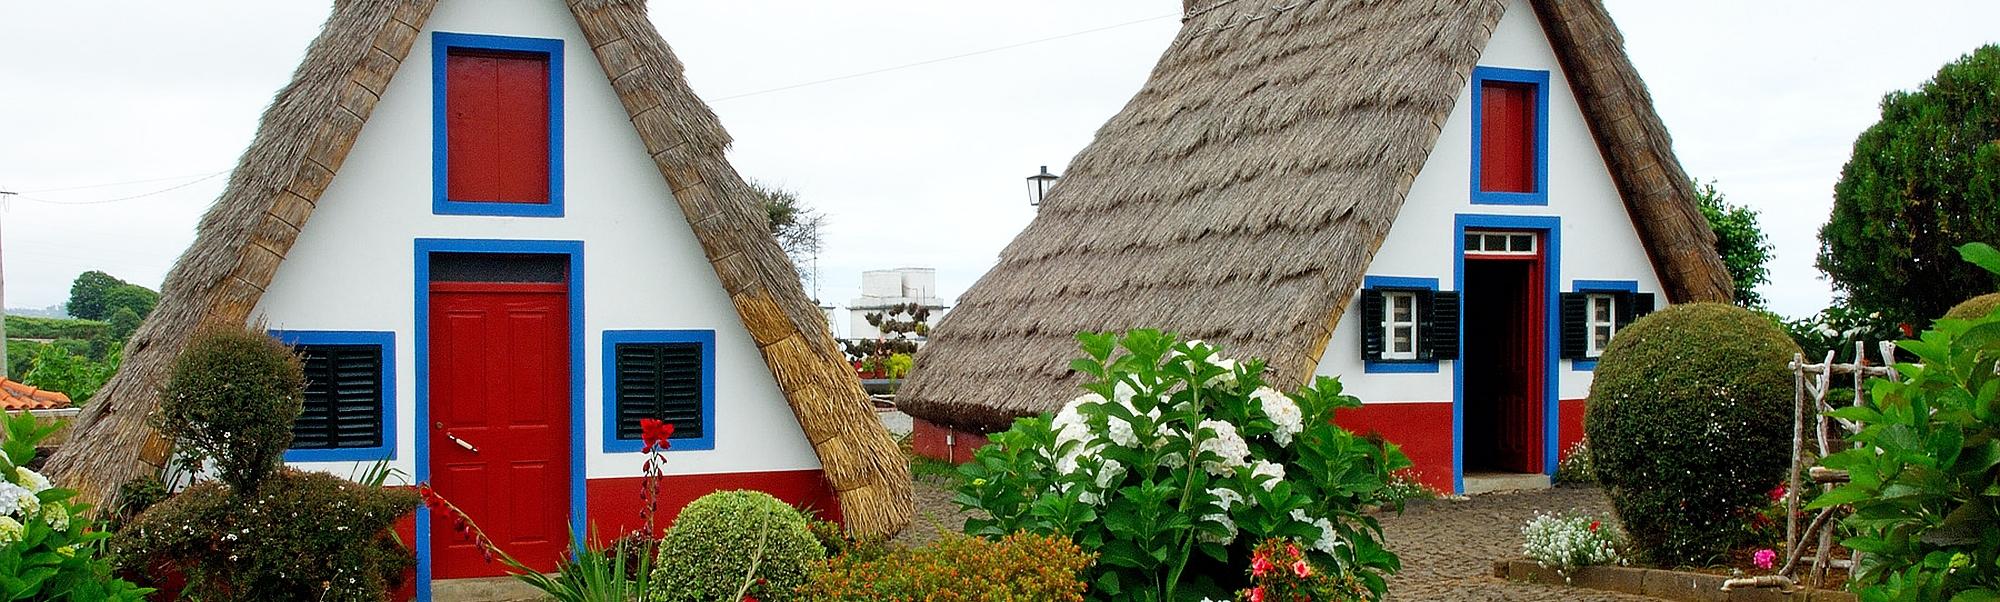 Madeira lissabon wander studien reise auf den spuren der for Haus auf madeira